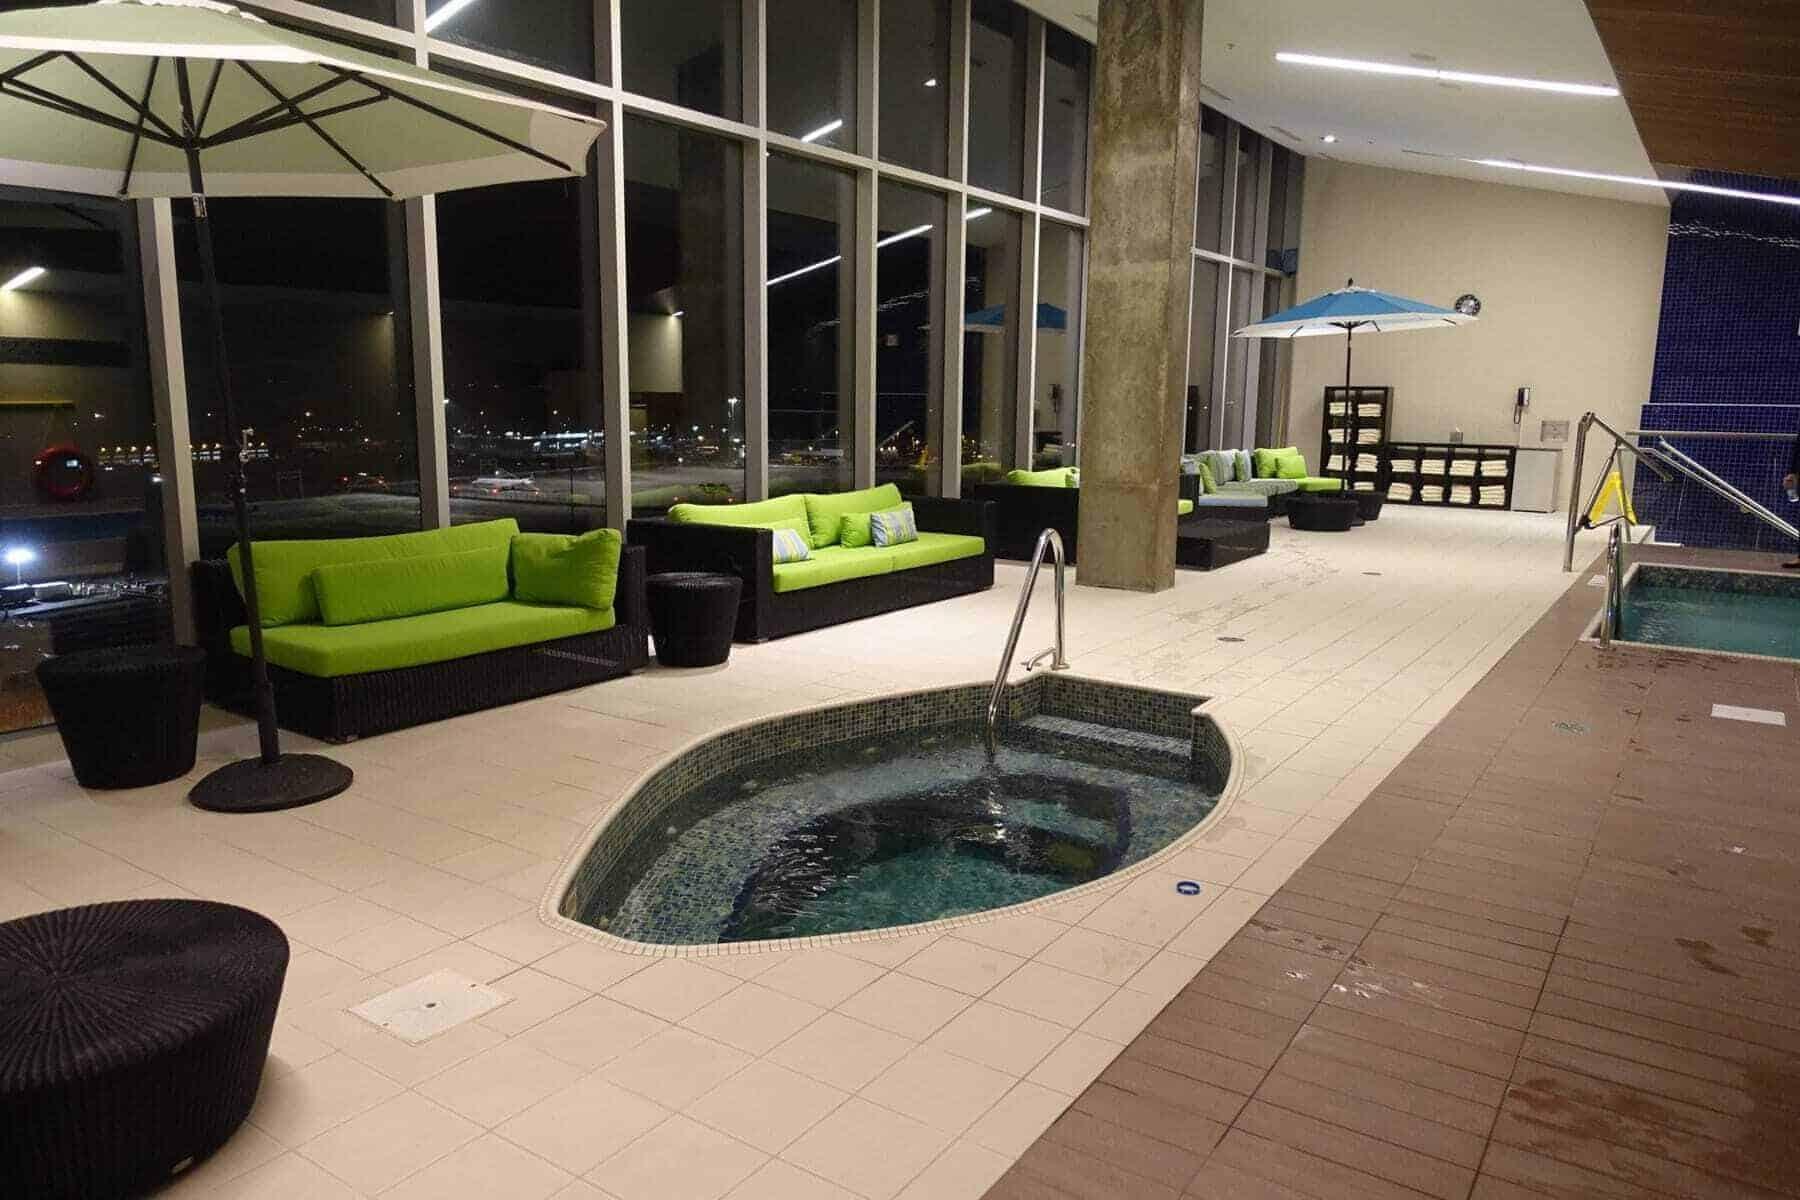 marriott terminal aeroport montreal yul - piscine